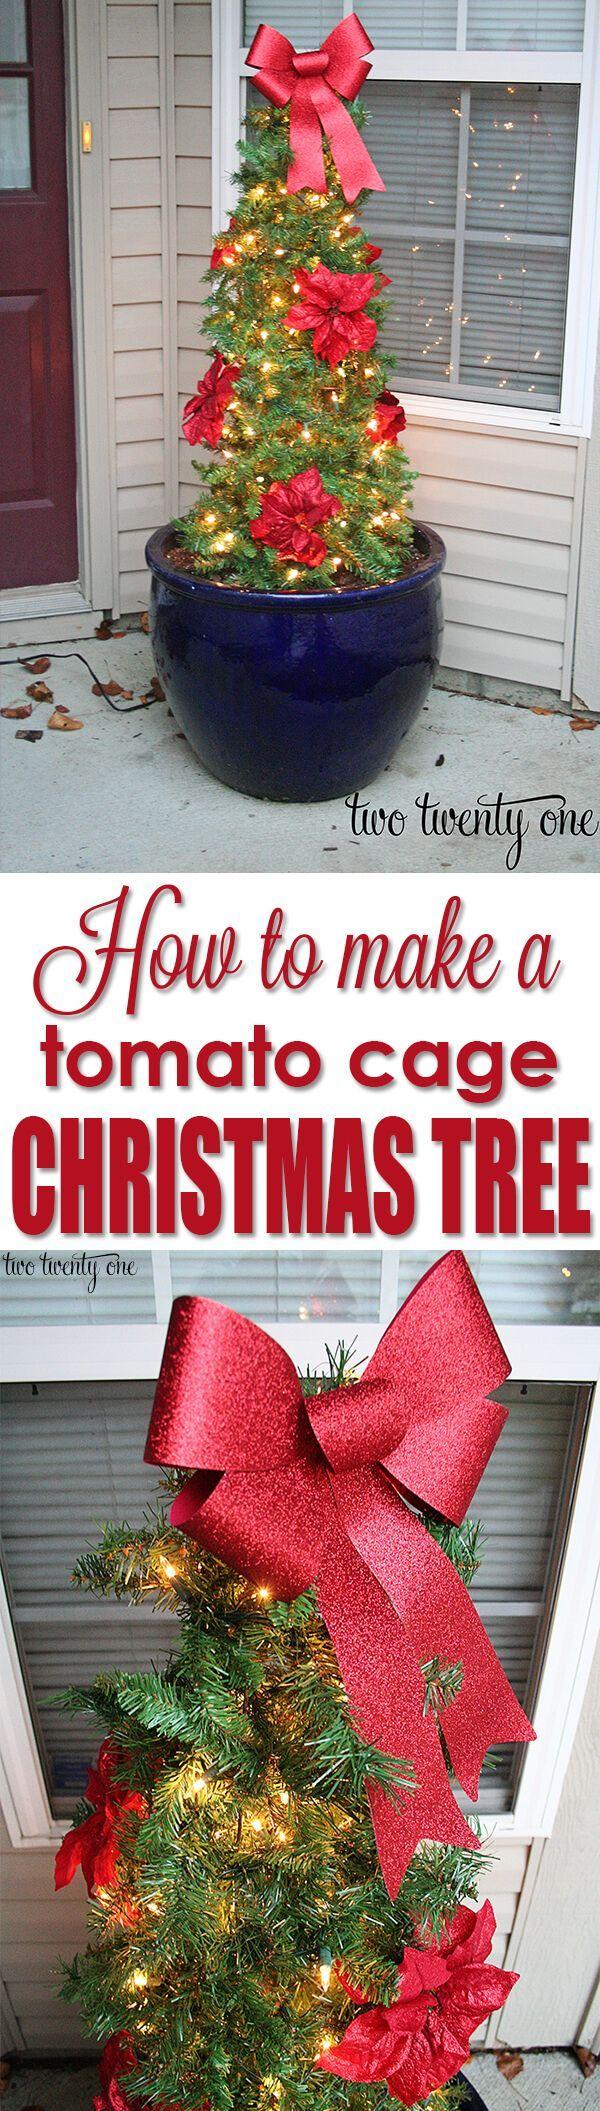 Metal Tomato Cage Christmas Tree